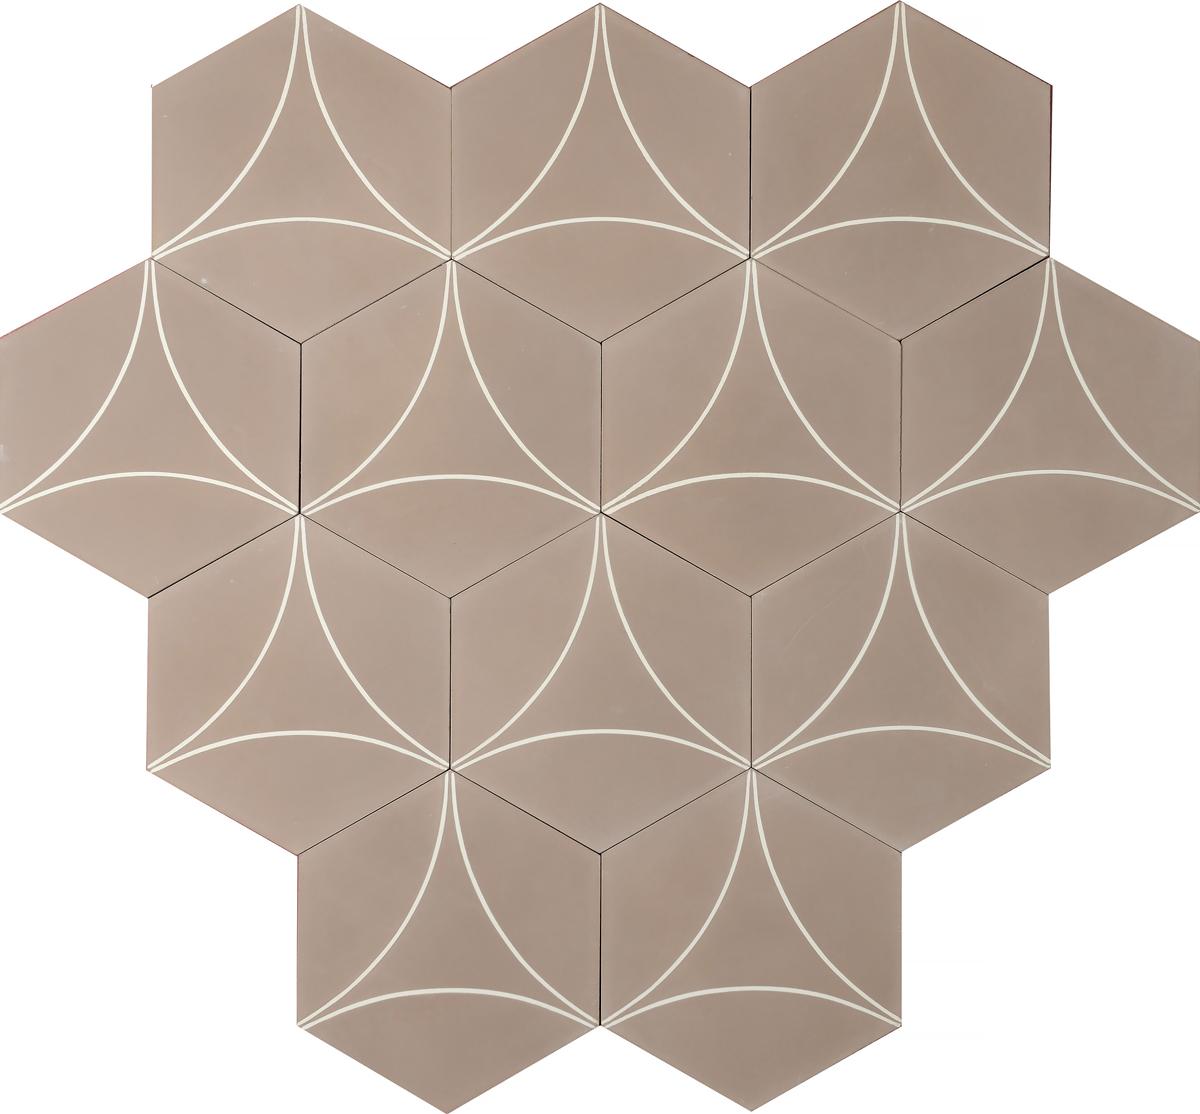 Claesson Koivisto Rune Gt Cement Tiles Hic Arquitectura